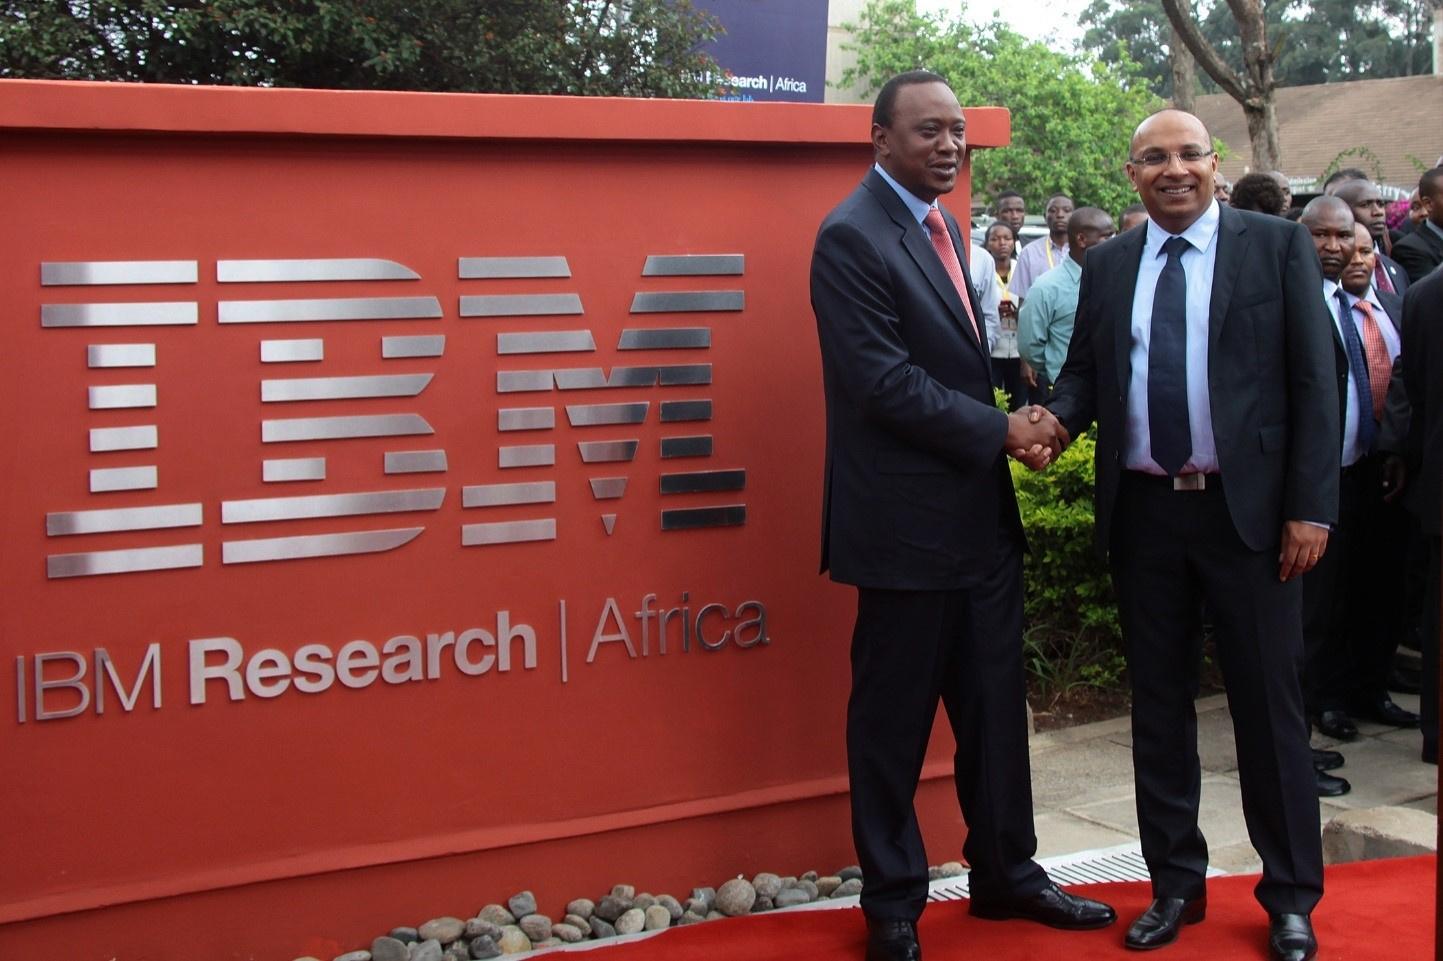 IBM поможет бороться с раковыми заболеваниями в странах Африки